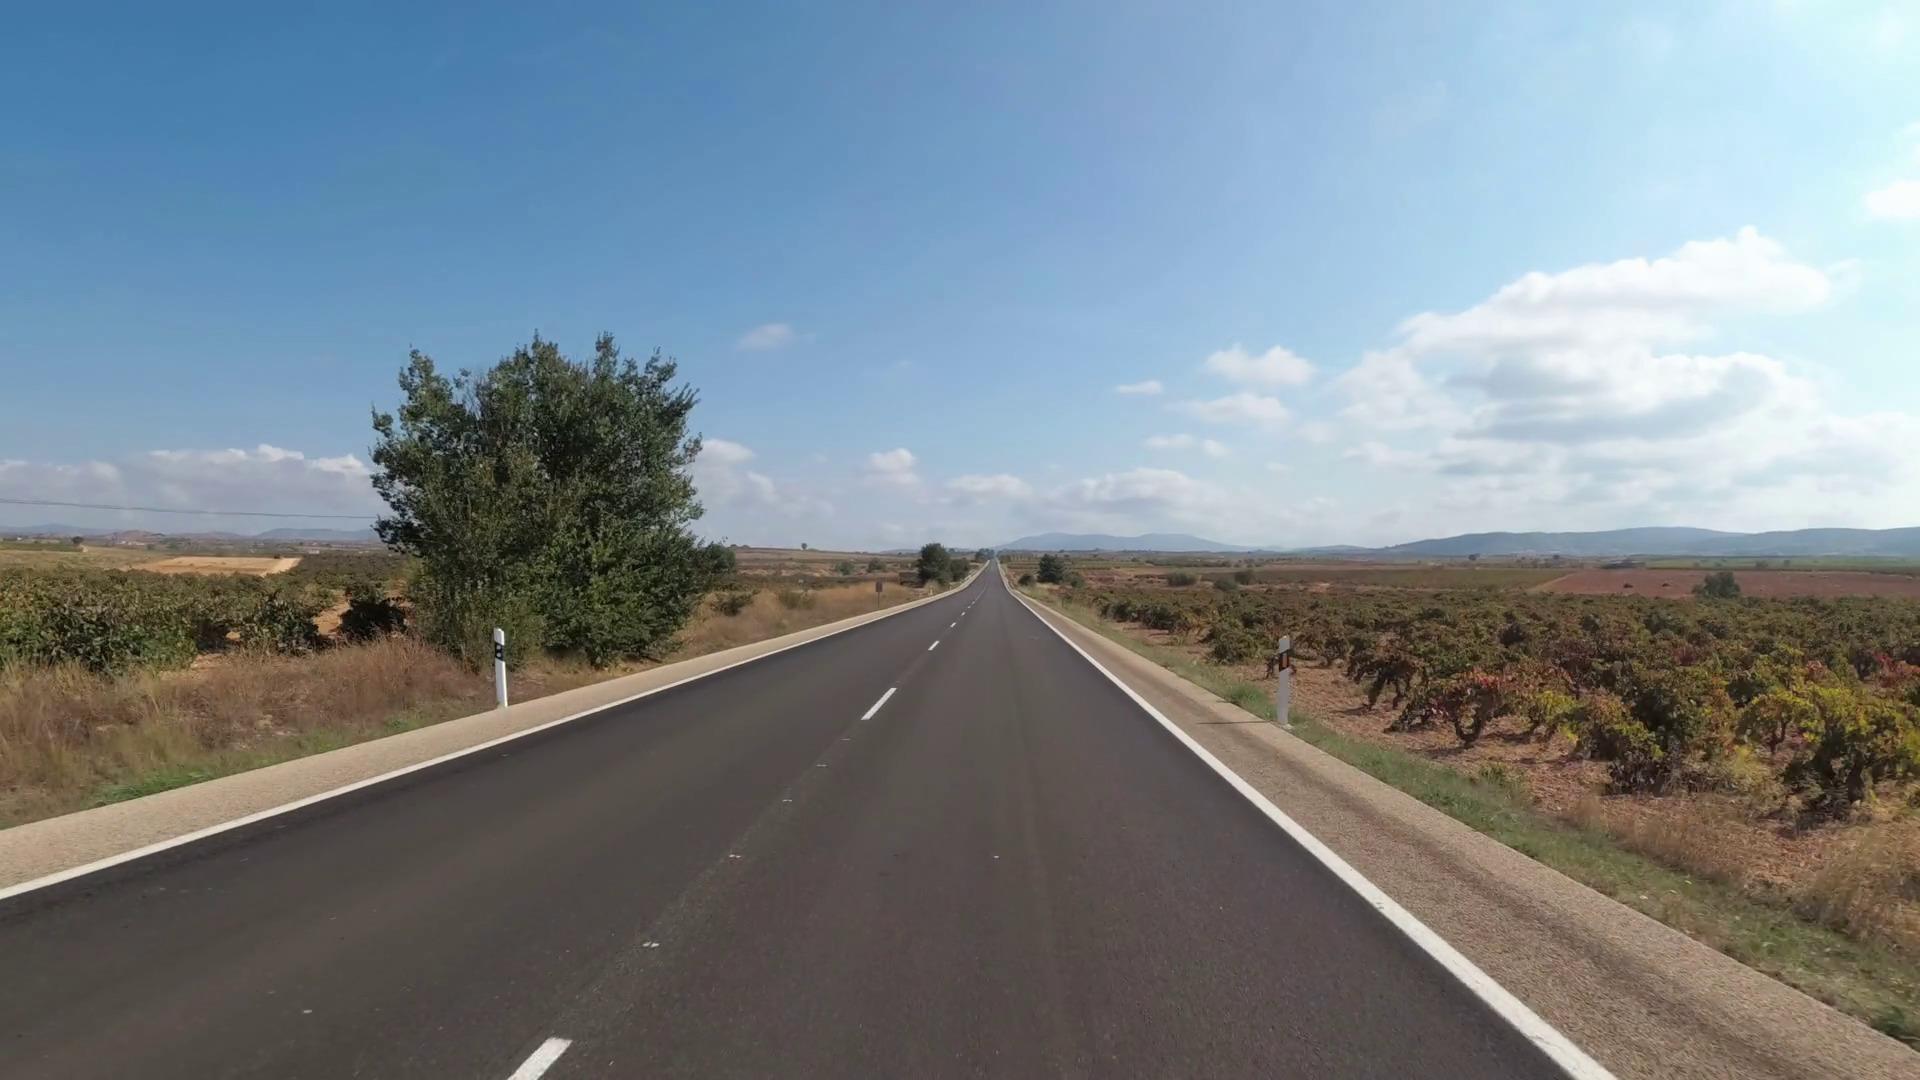 en espagne une diminution de la vitesse 90 km h est l 39 tude. Black Bedroom Furniture Sets. Home Design Ideas